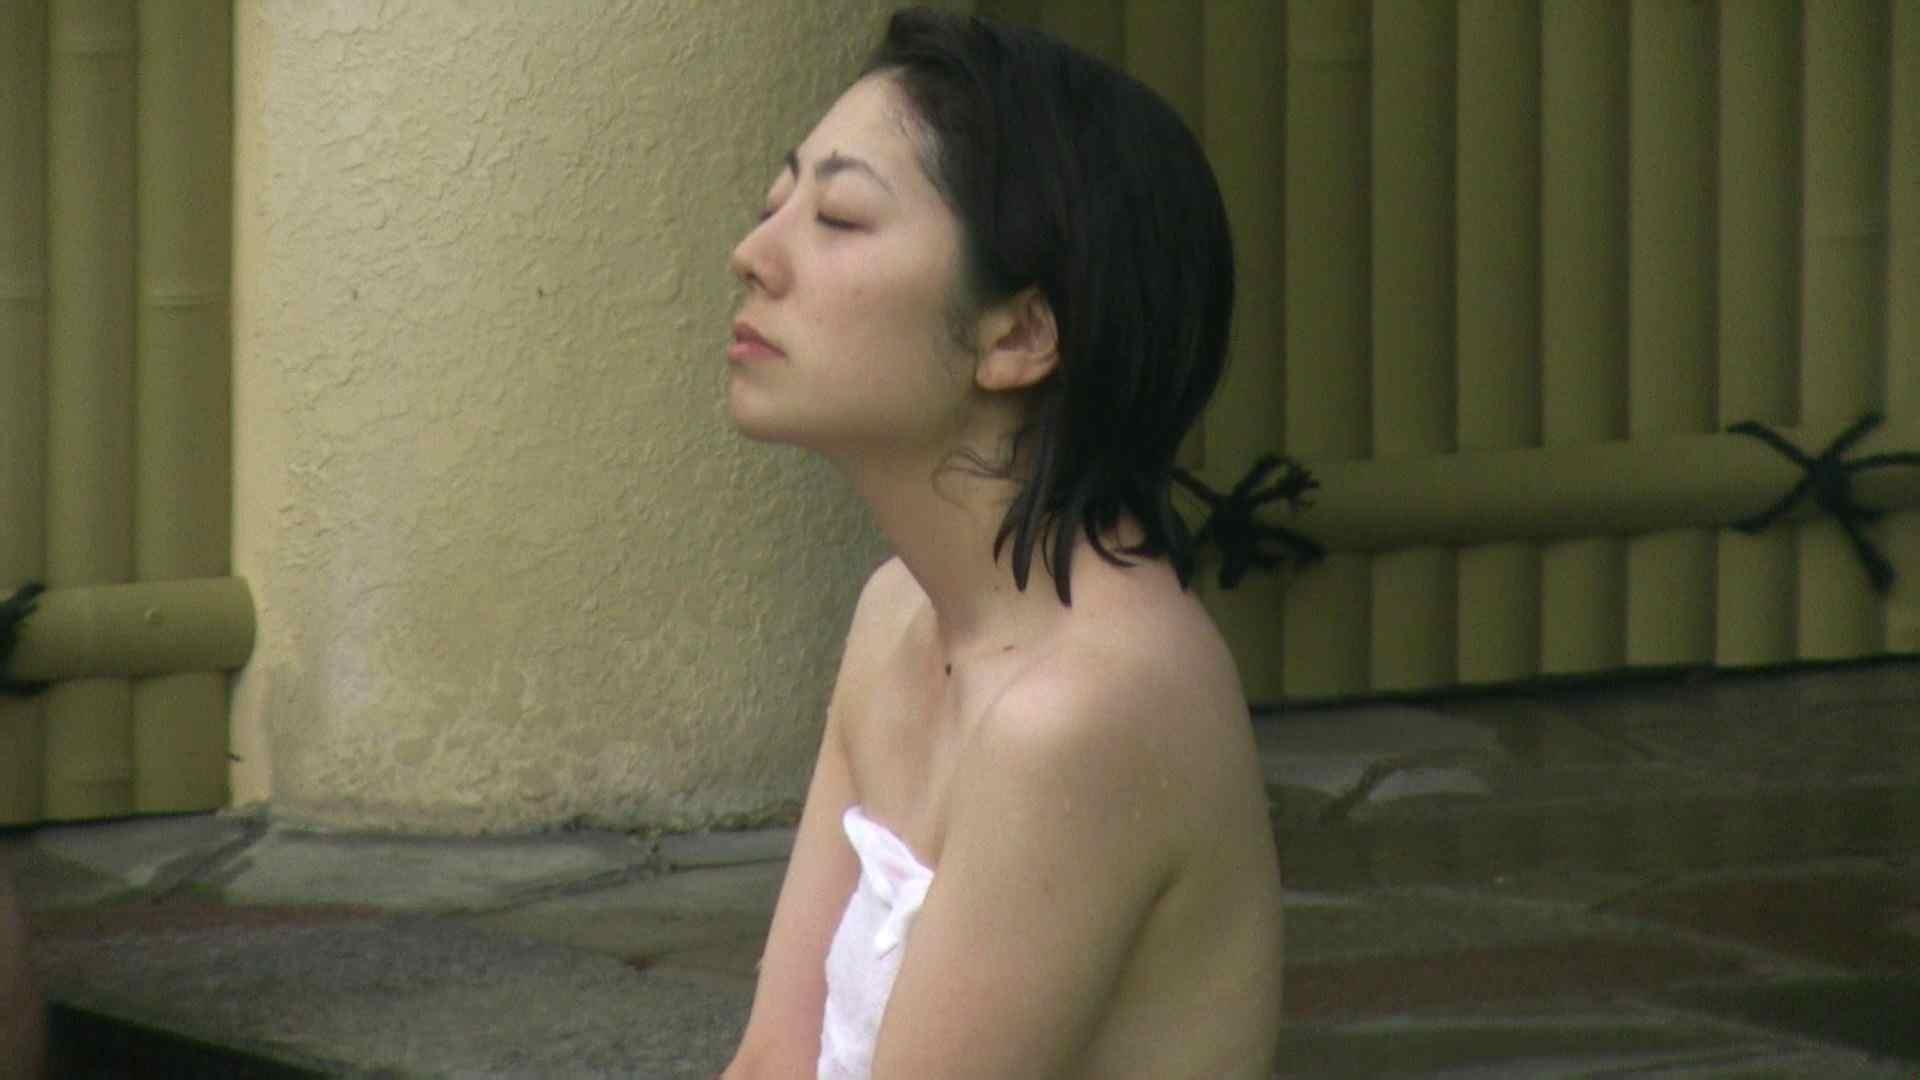 Aquaな露天風呂Vol.04 HなOL スケベ動画紹介 84pic 37